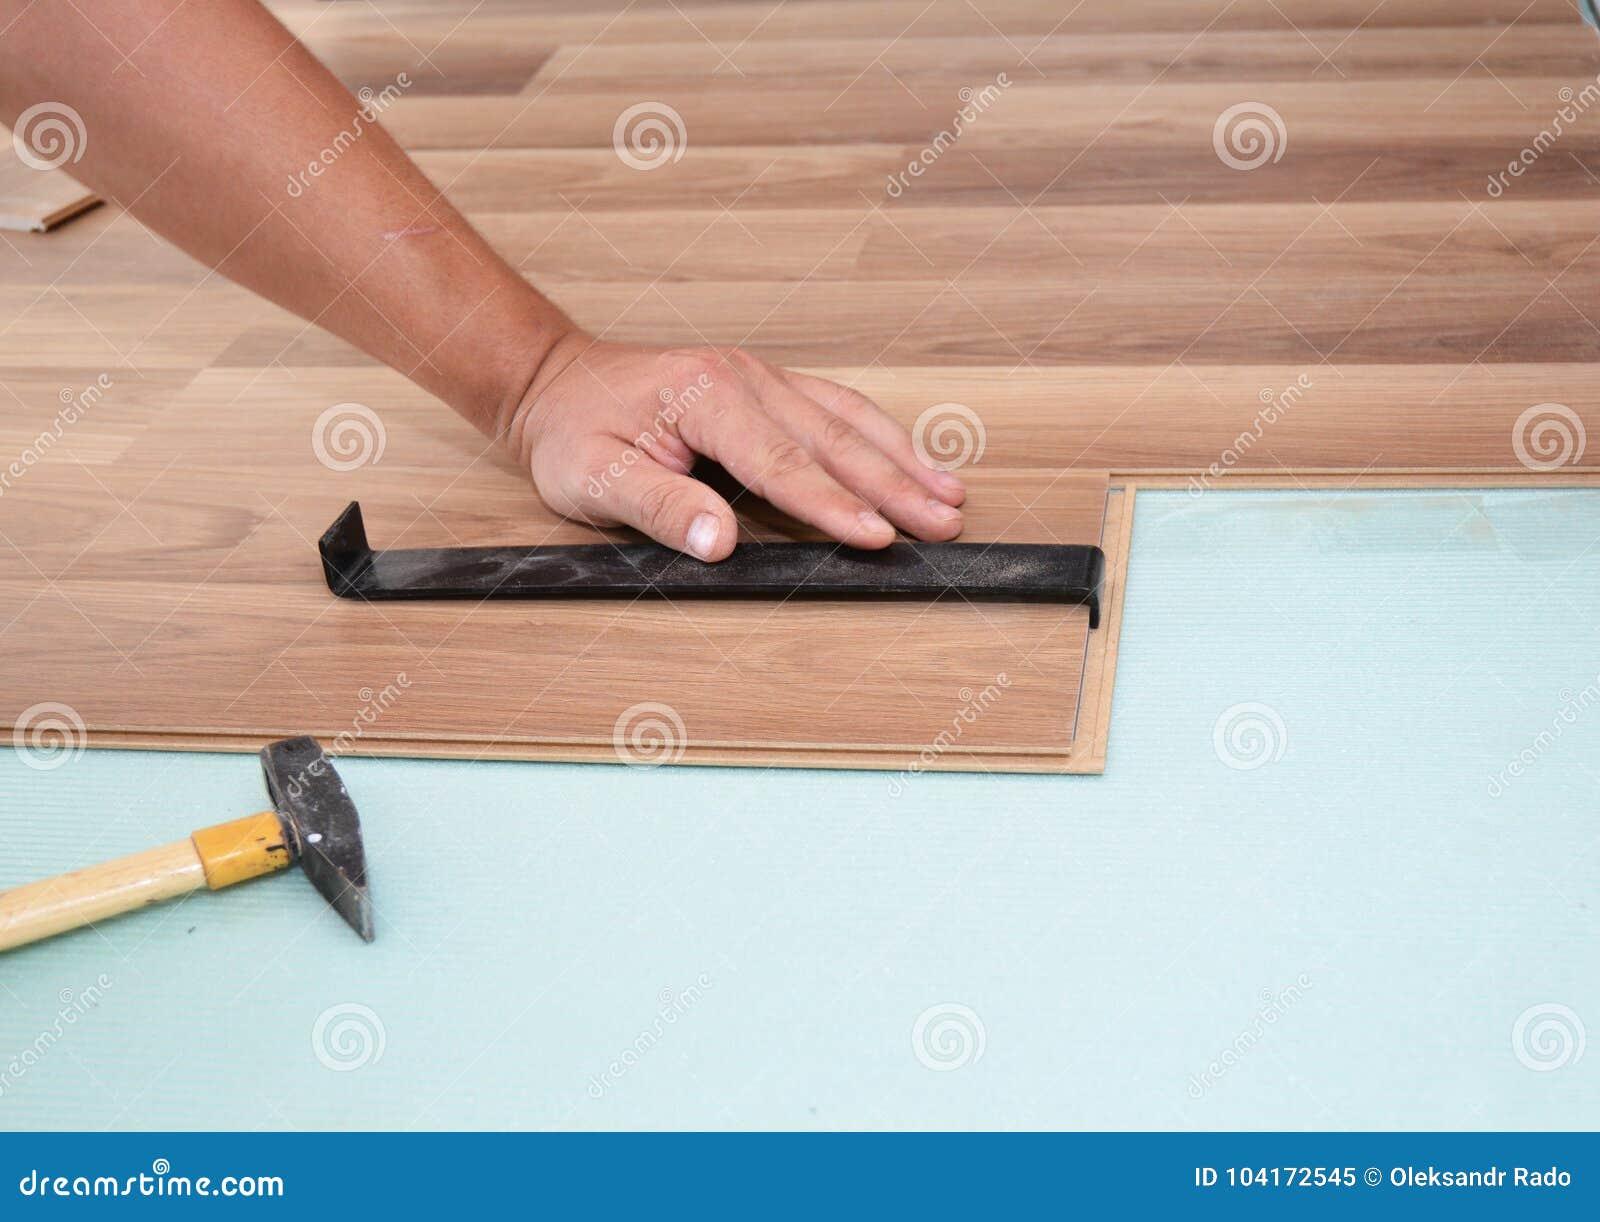 Instalación del suelo laminado Hombre que instala el nuevo suelo de madera laminado Trabajador que instala el suelo laminado de m